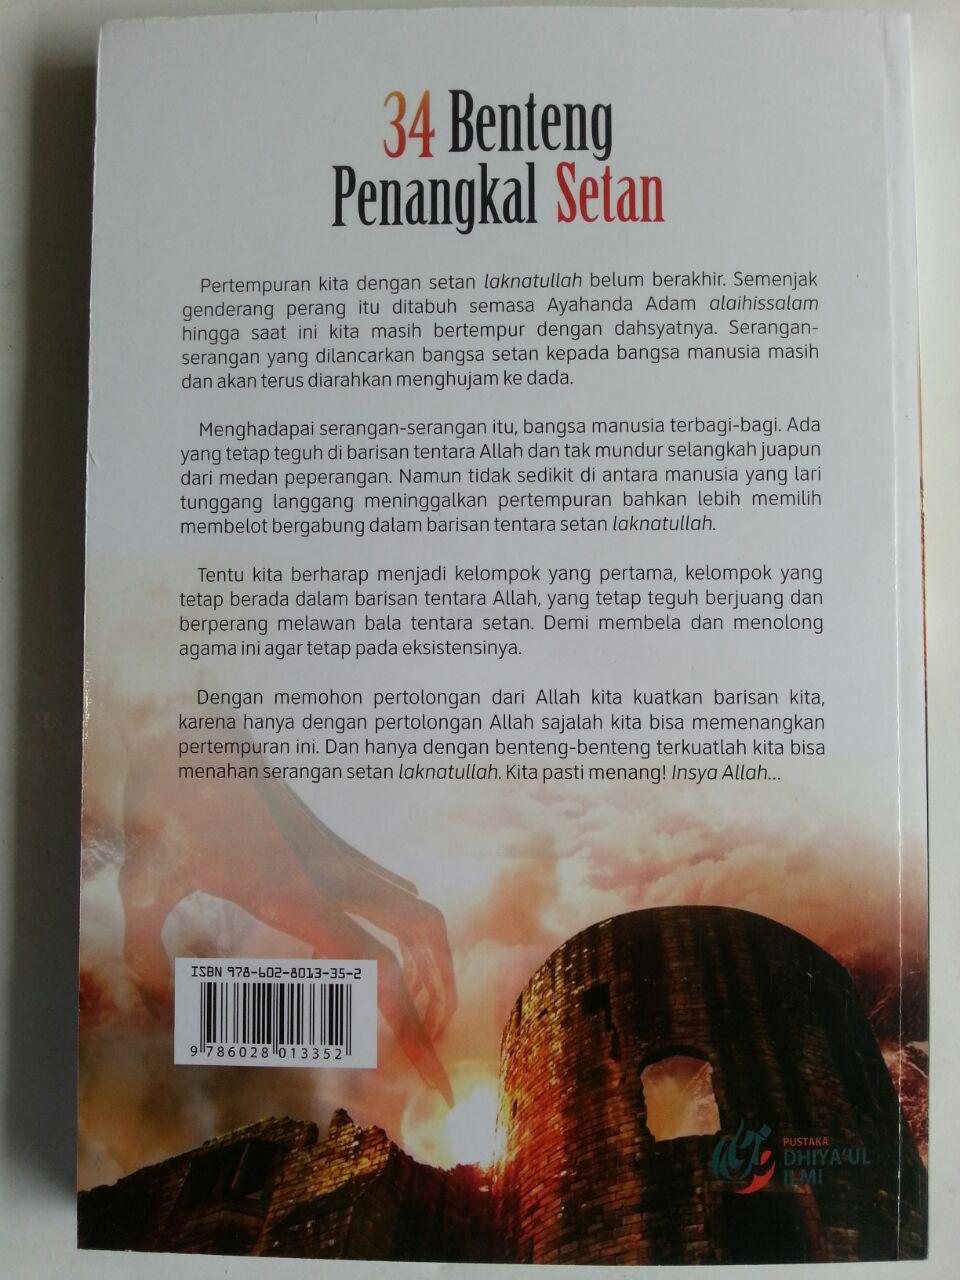 Buku 34 Benteng Penangkal Setan cover